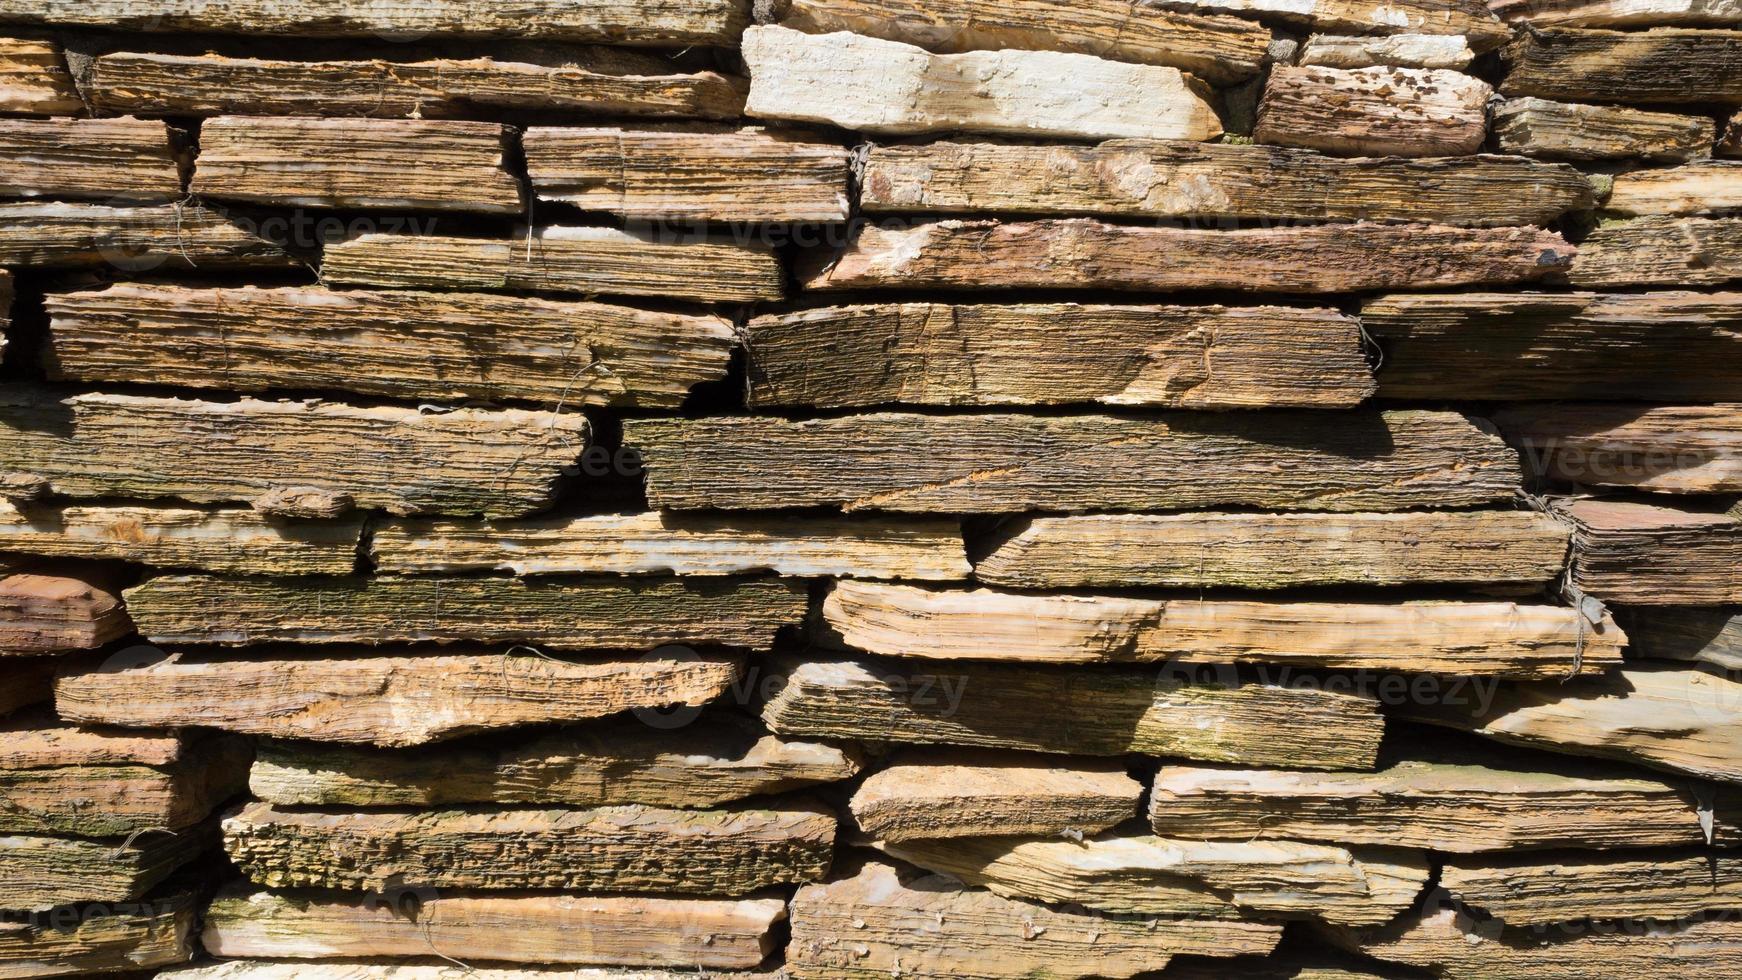 stenen bakstenen muur textuur achtergrond foto